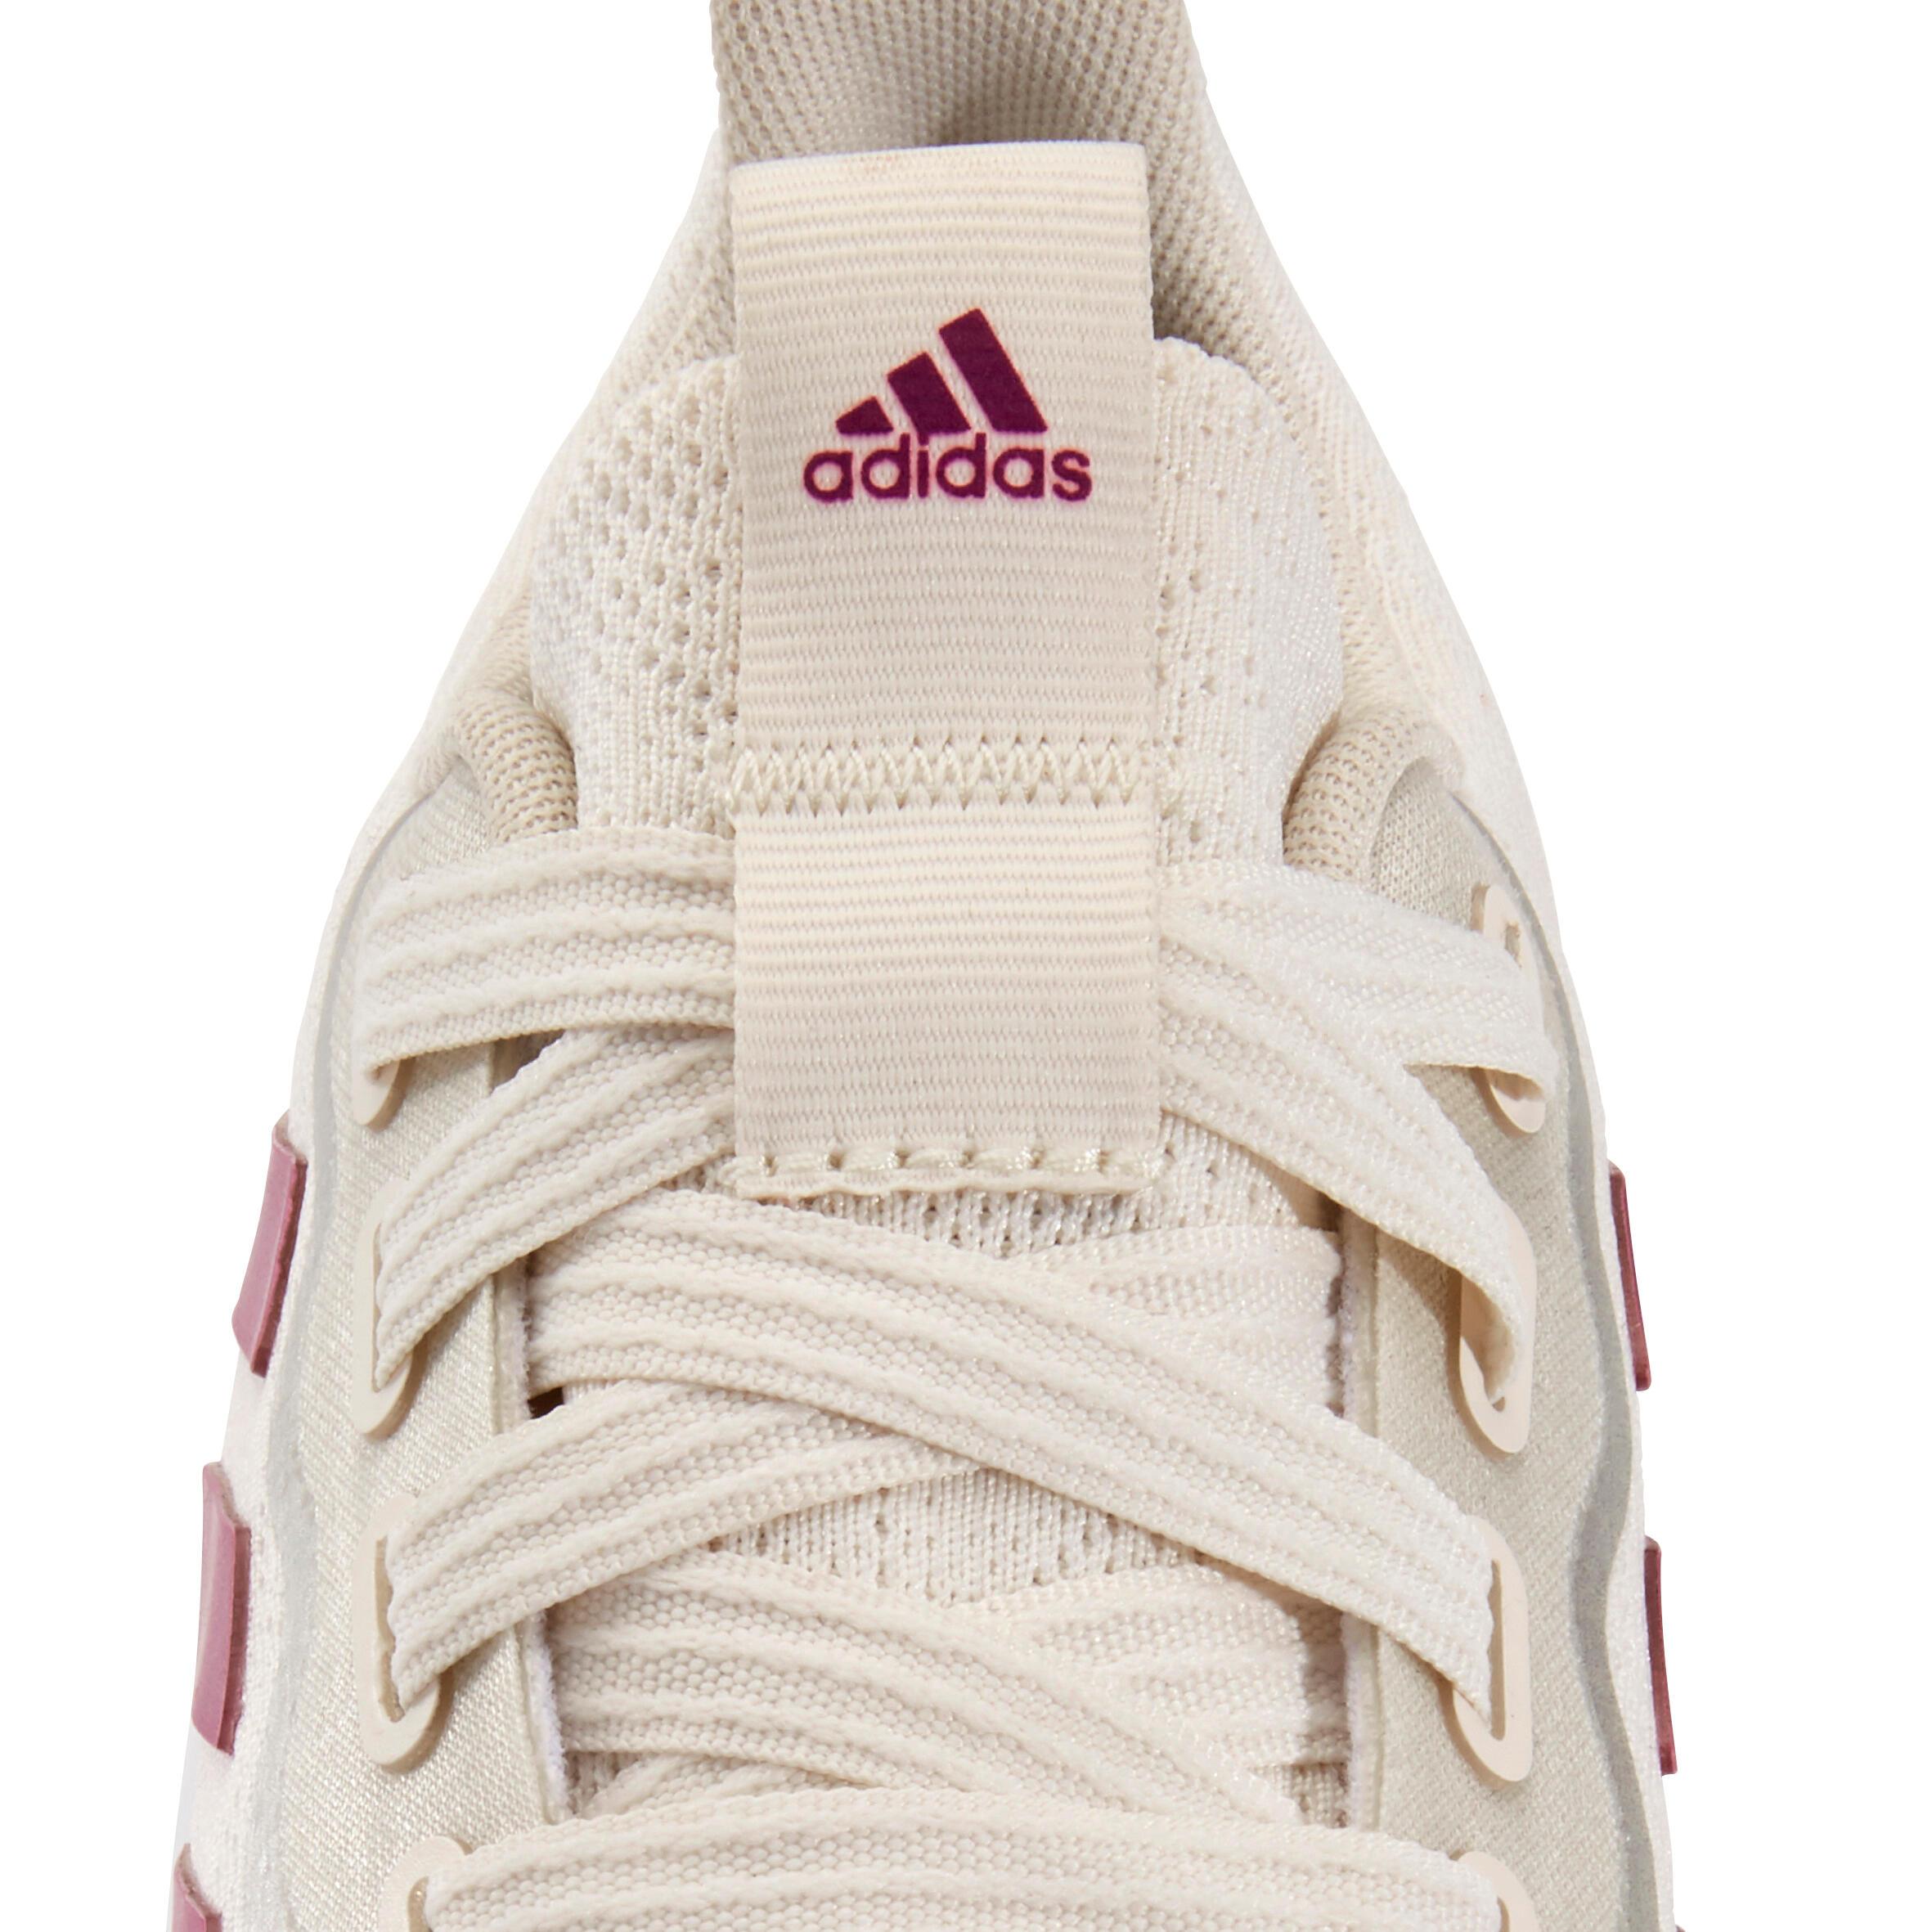 adidas walking shoes women